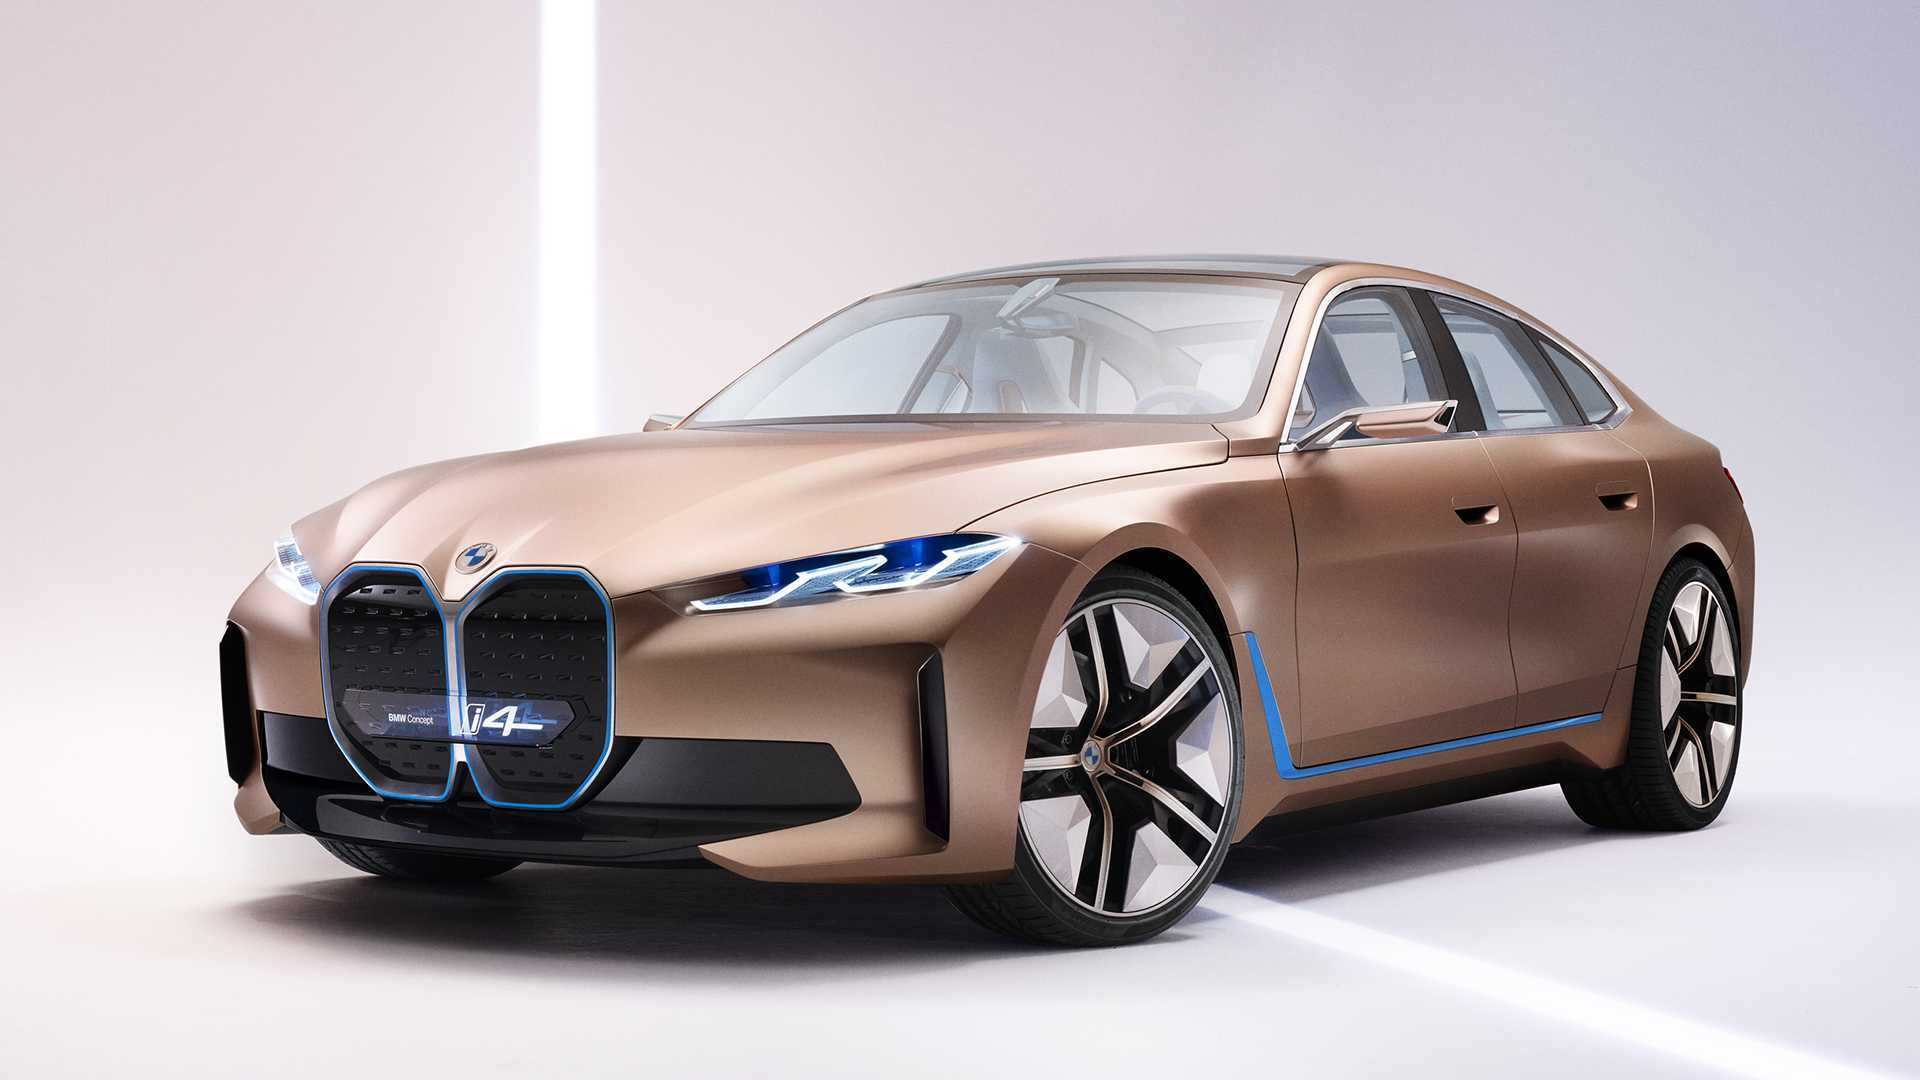 Седан BMW i4 выйдет на рынок в двух мощных версиях